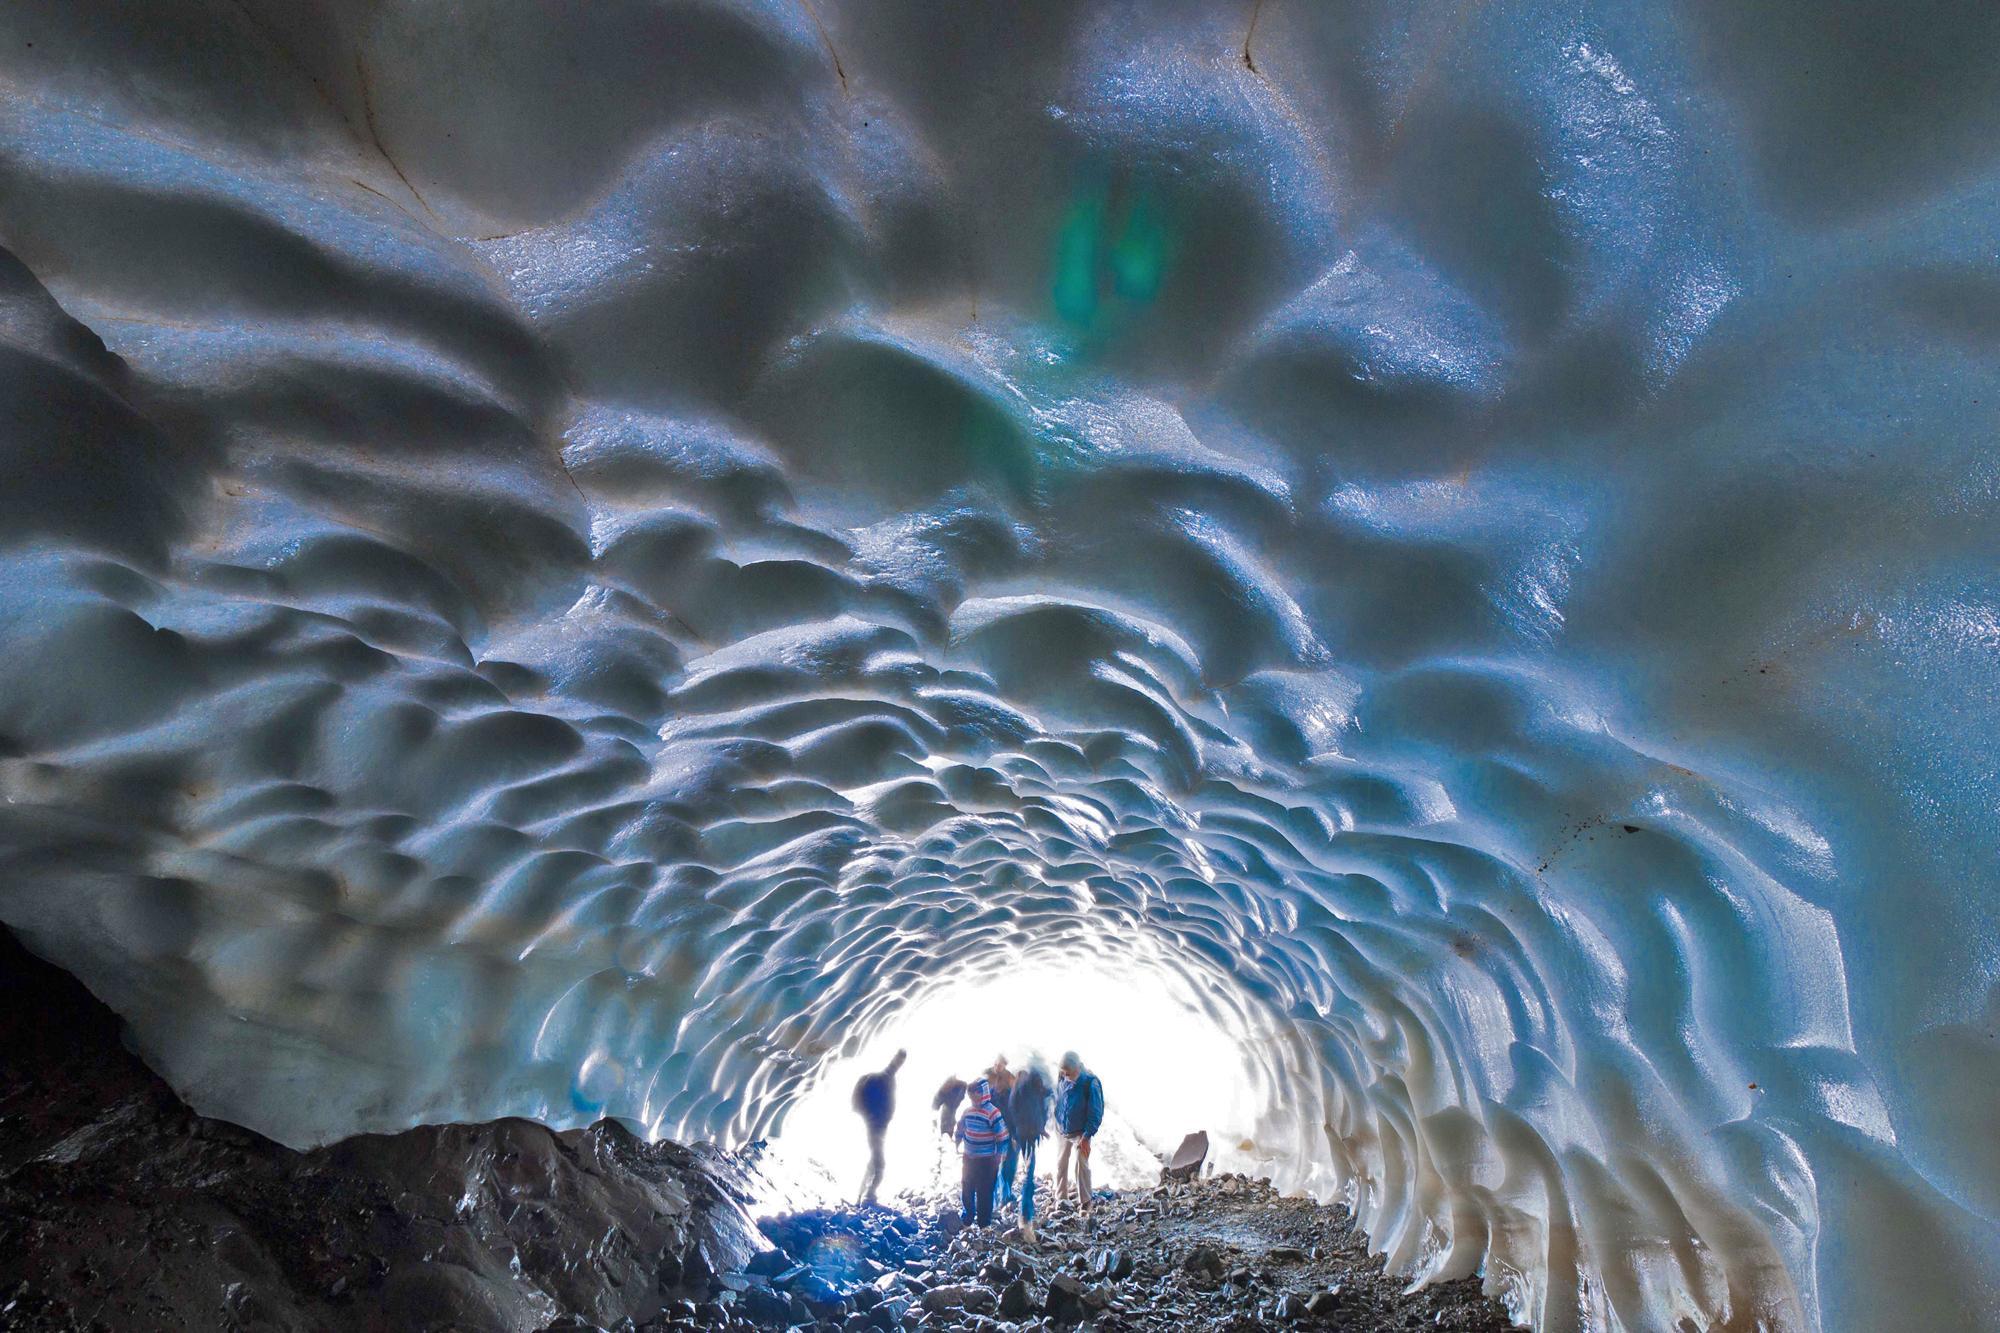 argentina esquel patagonia tunnel ghiaccio